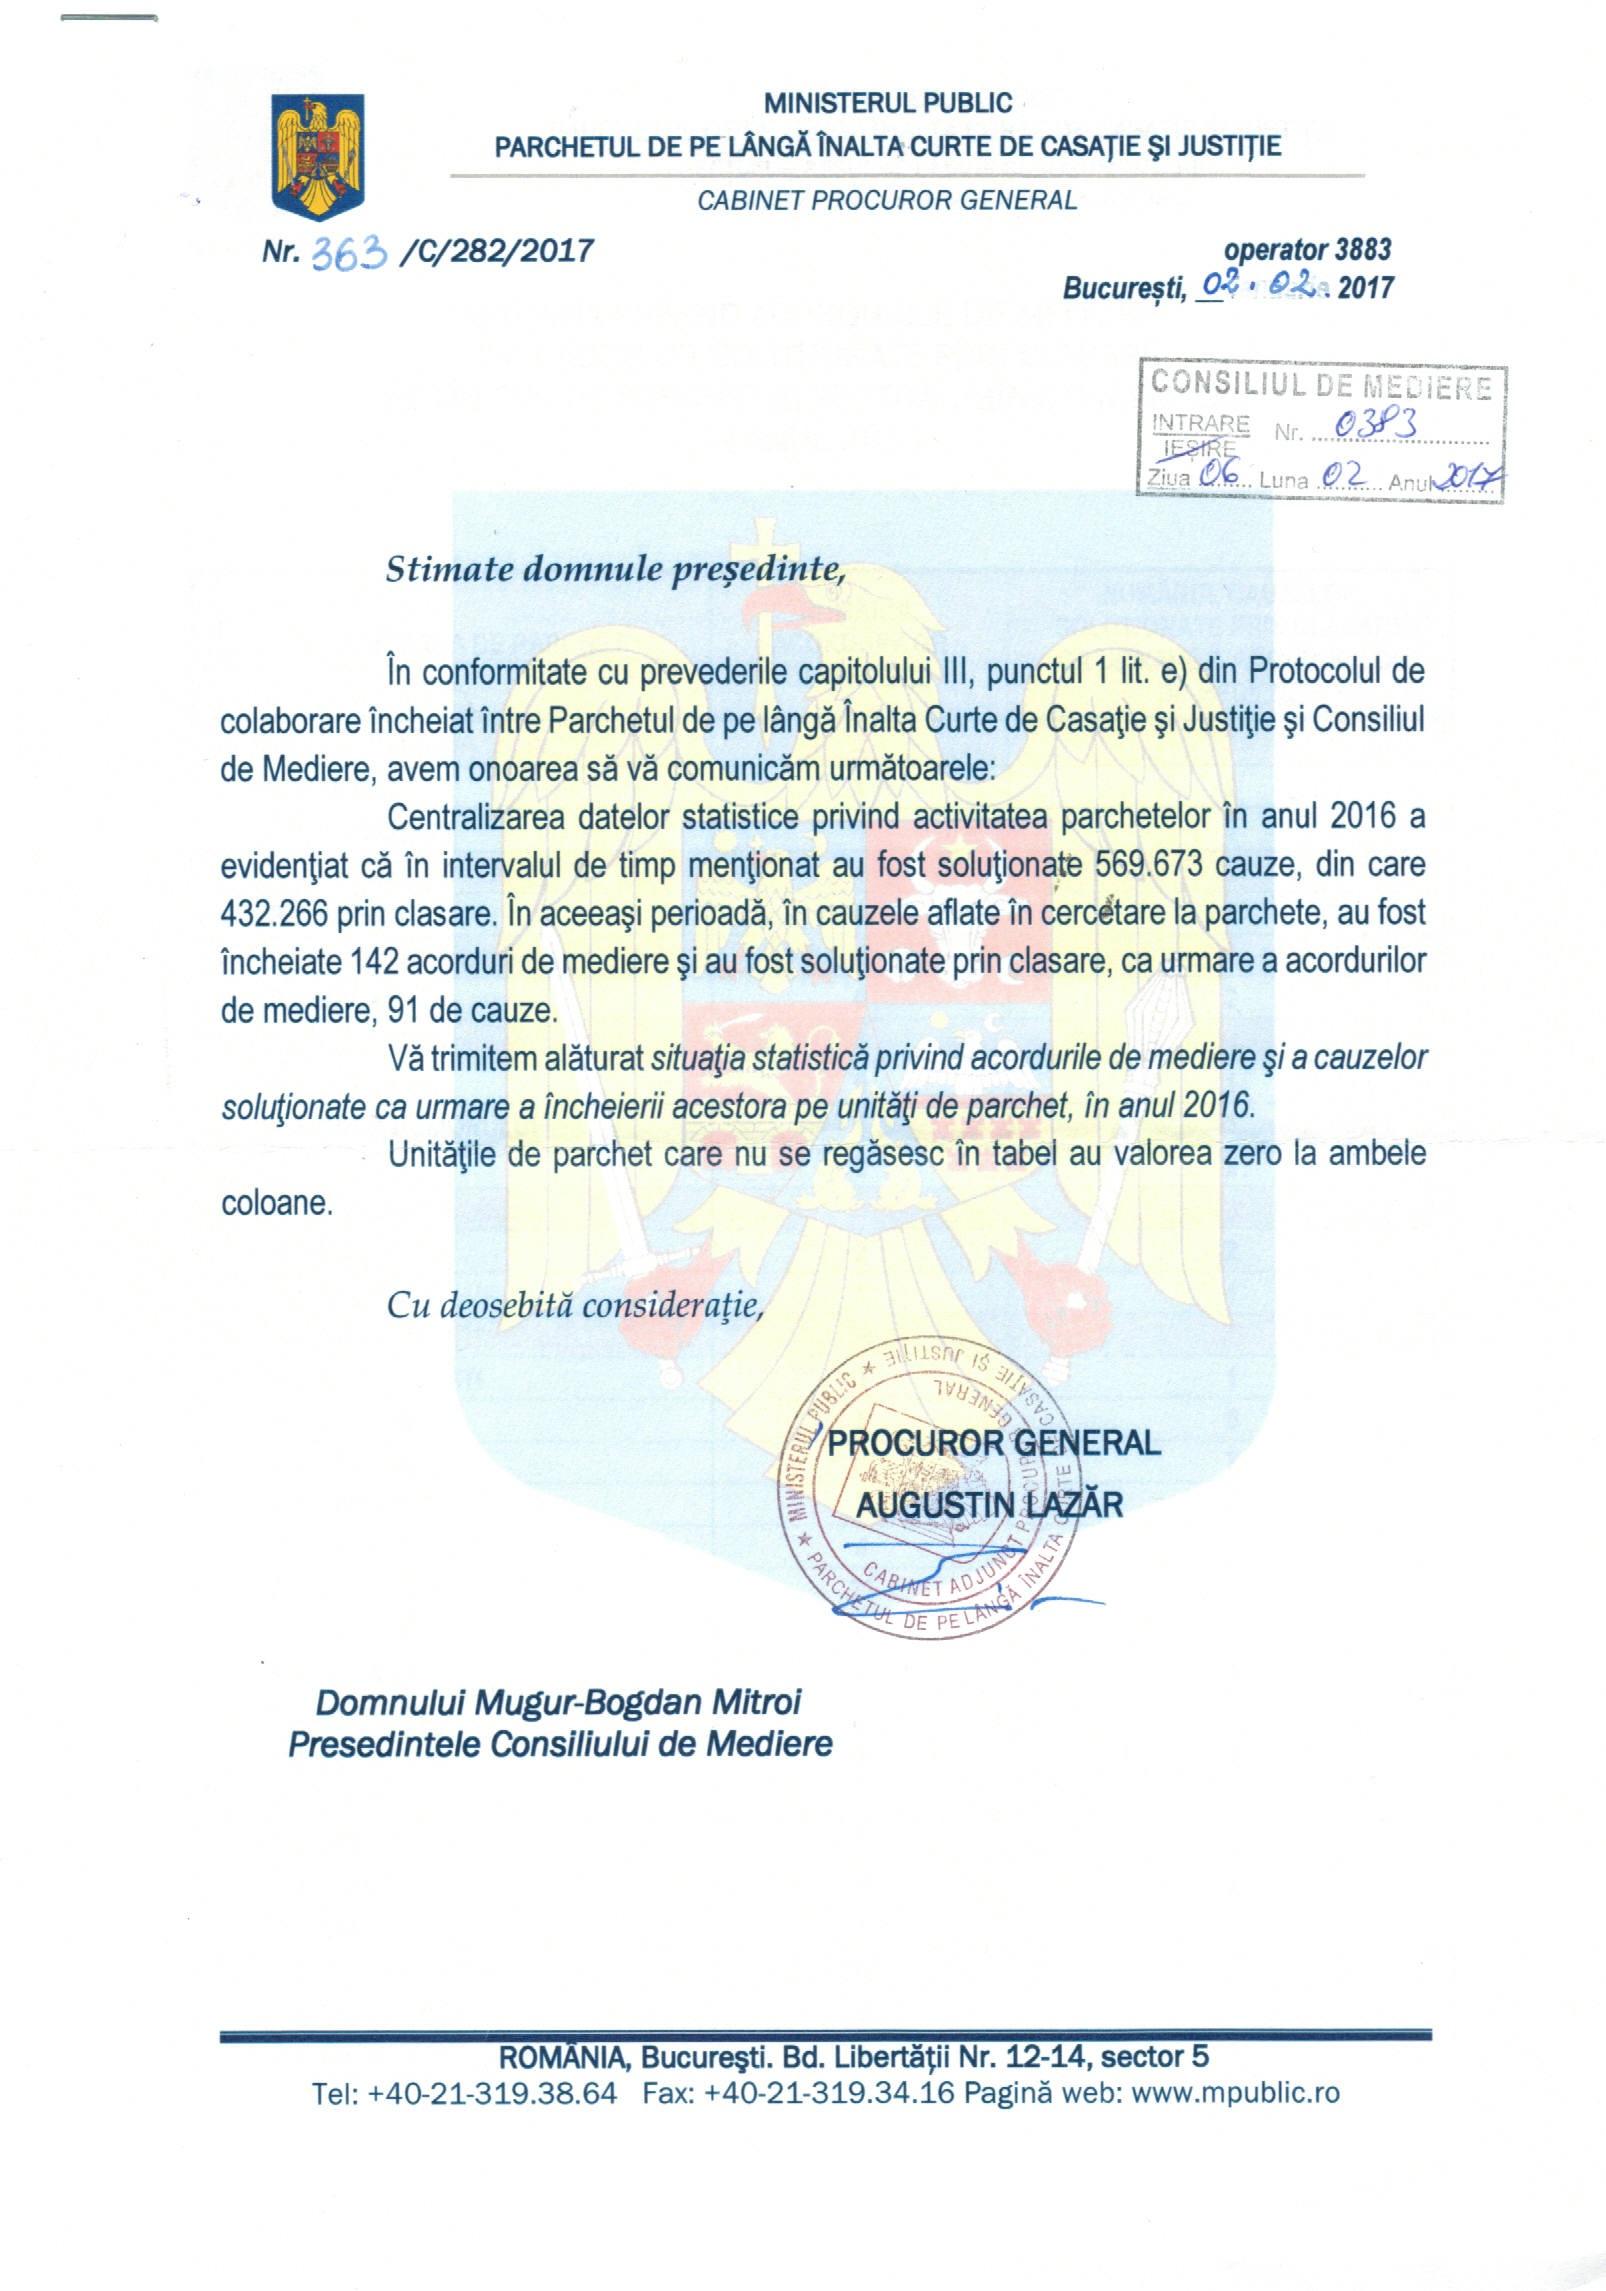 Date oficiale de la Parchetul General privind acordurile de mediere penala depuse la Parchete in 2016